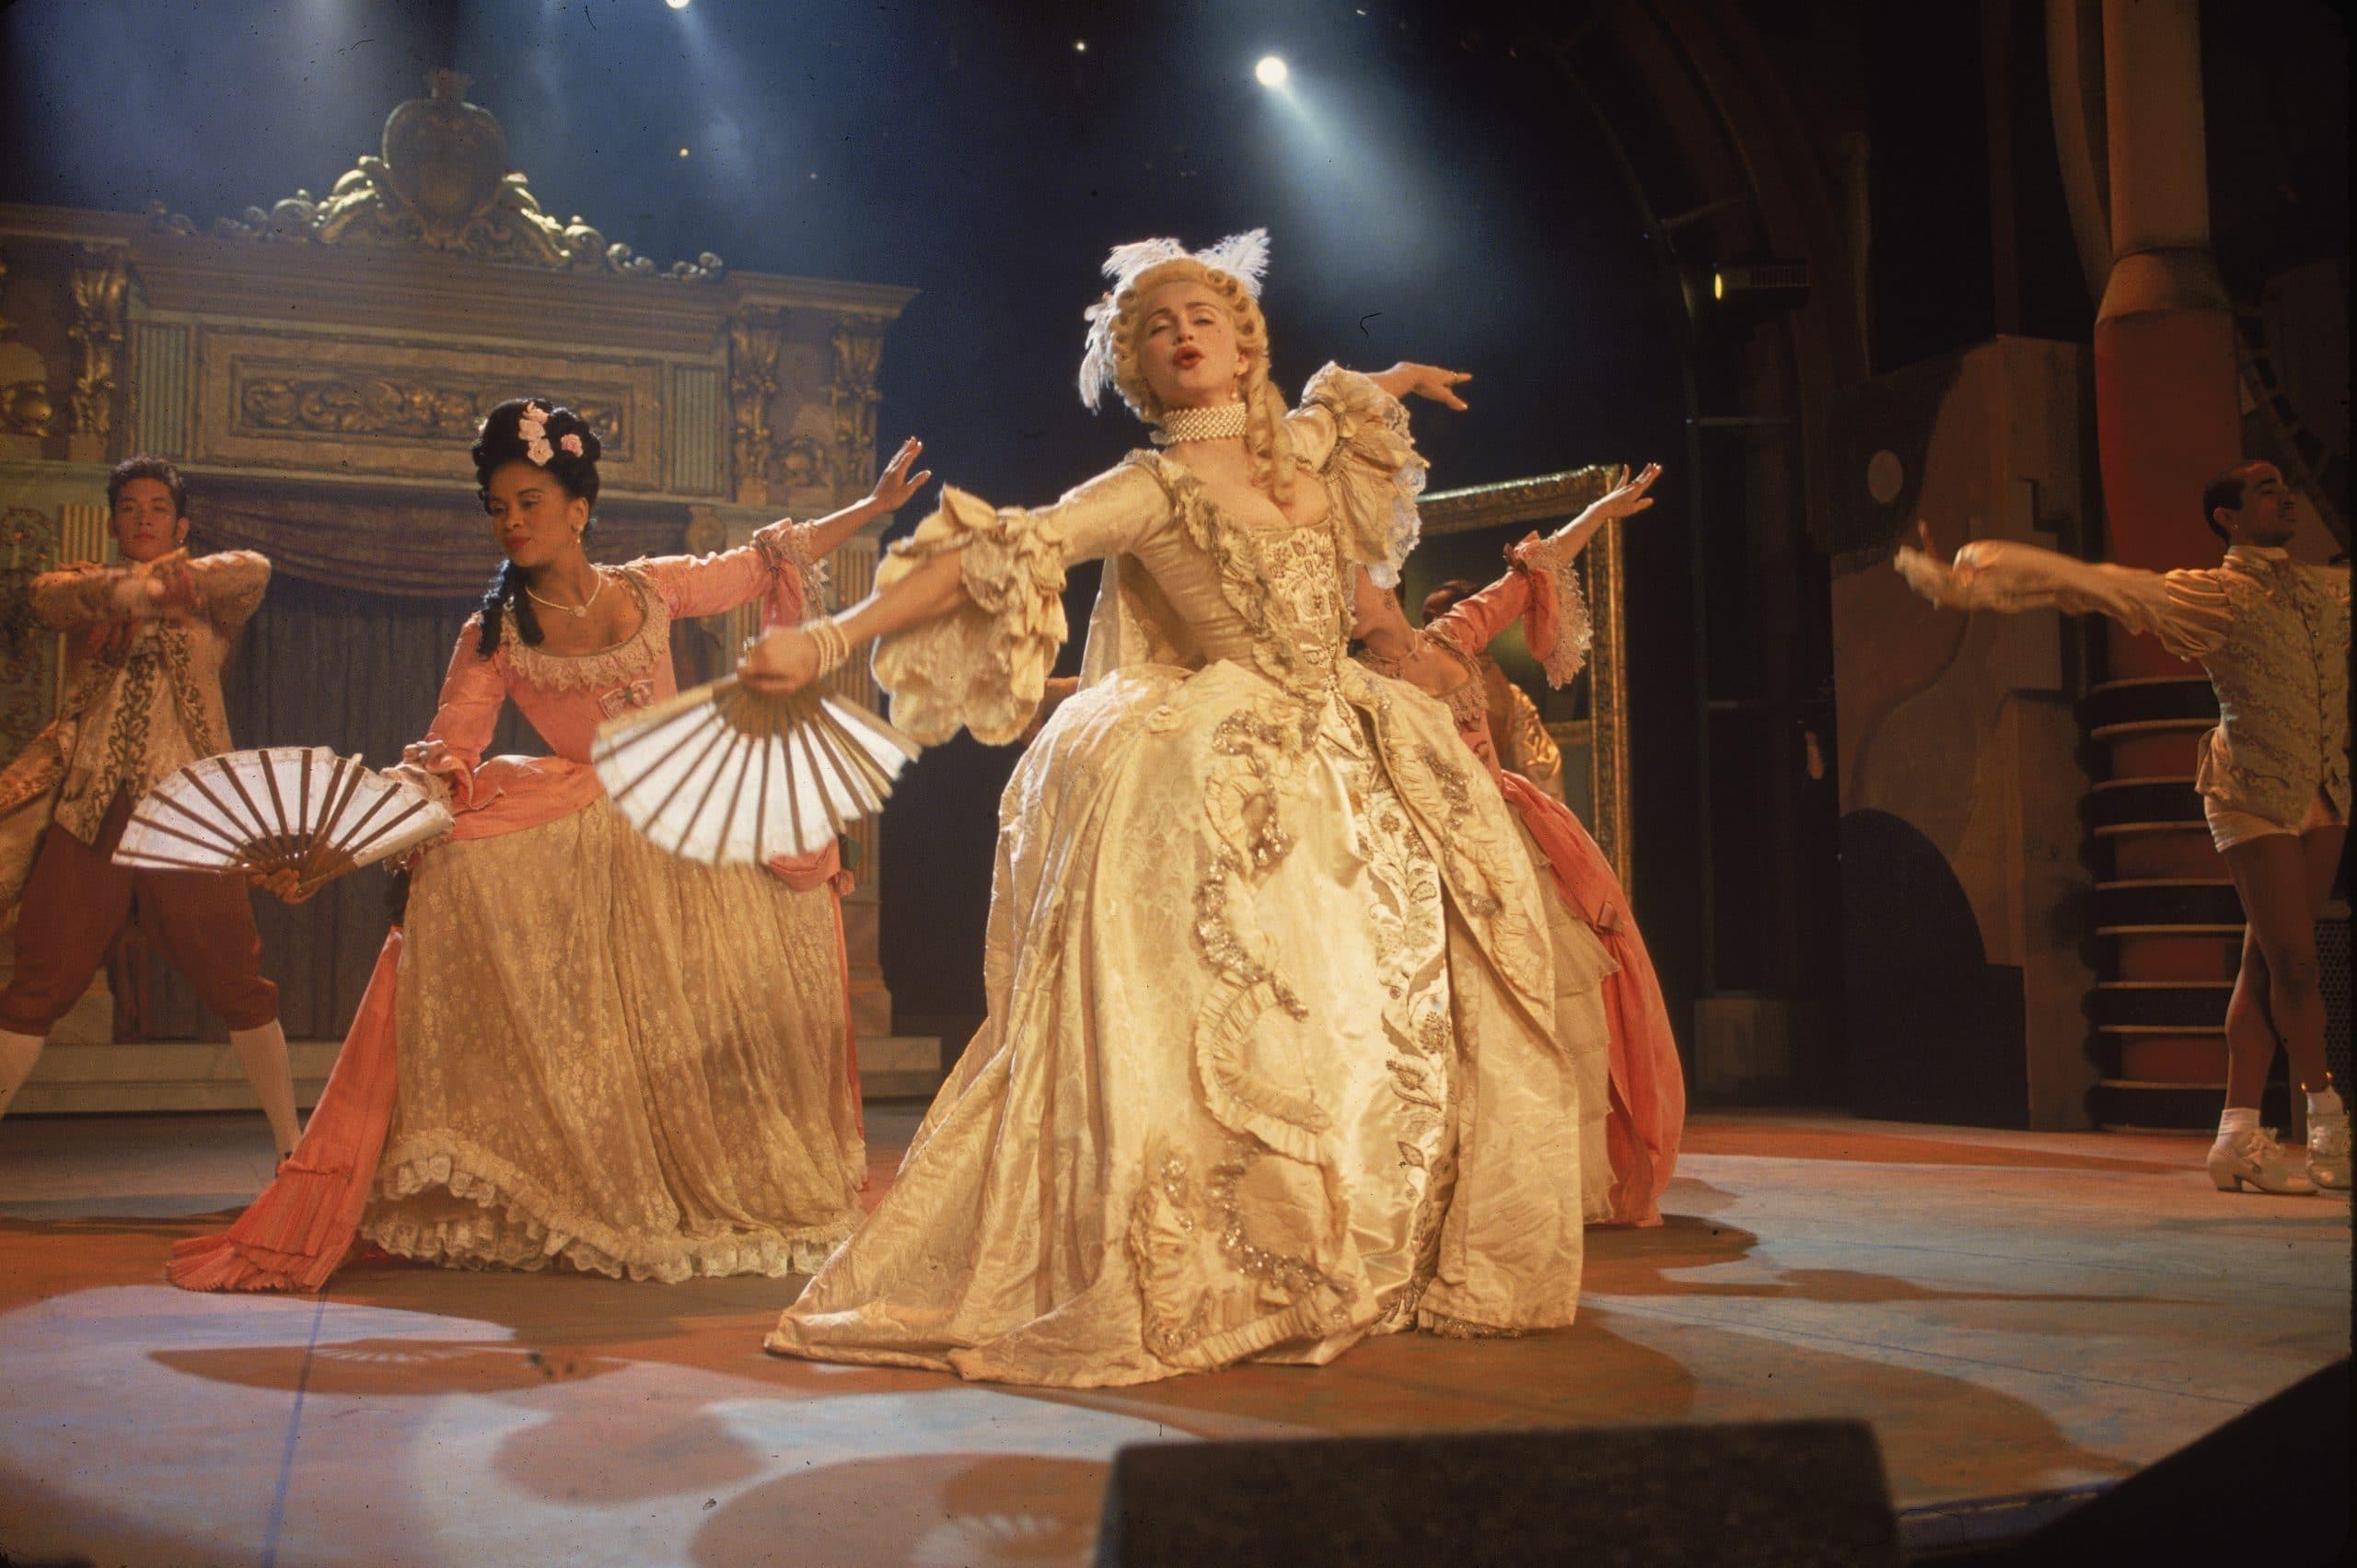 madonna performing vogue at vma awards 1990